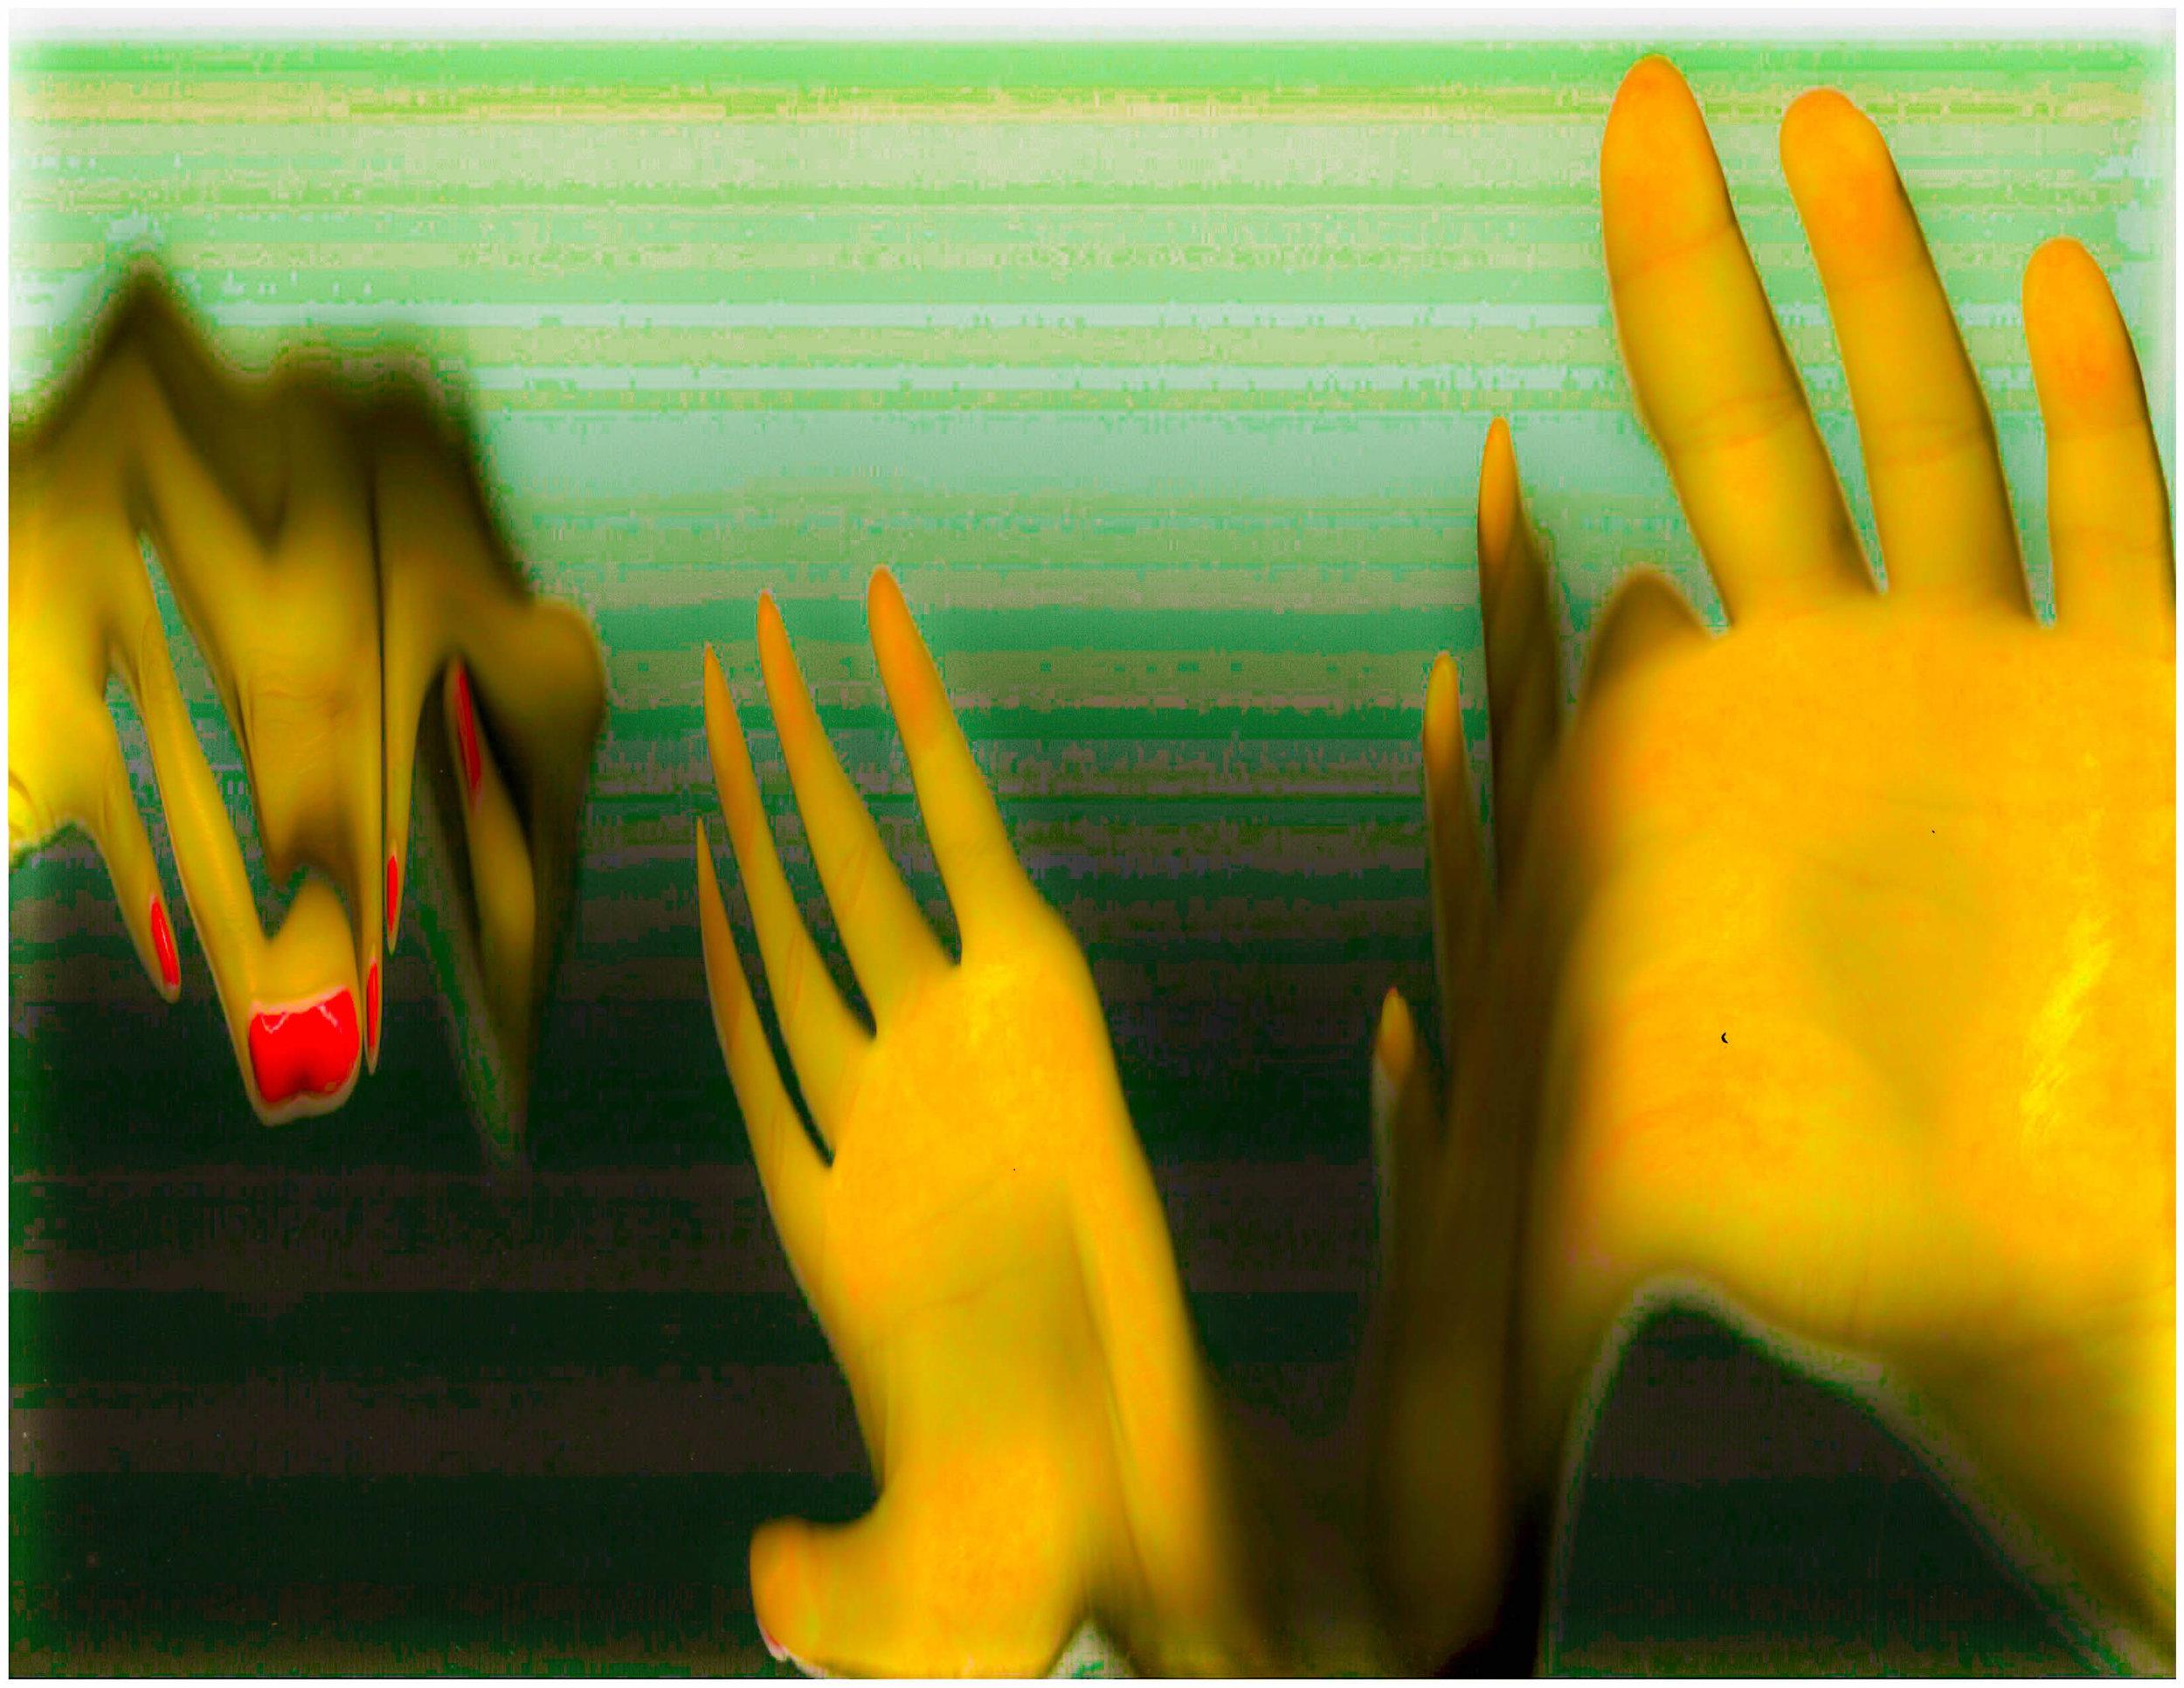 red hands4 (1 of 1).jpg